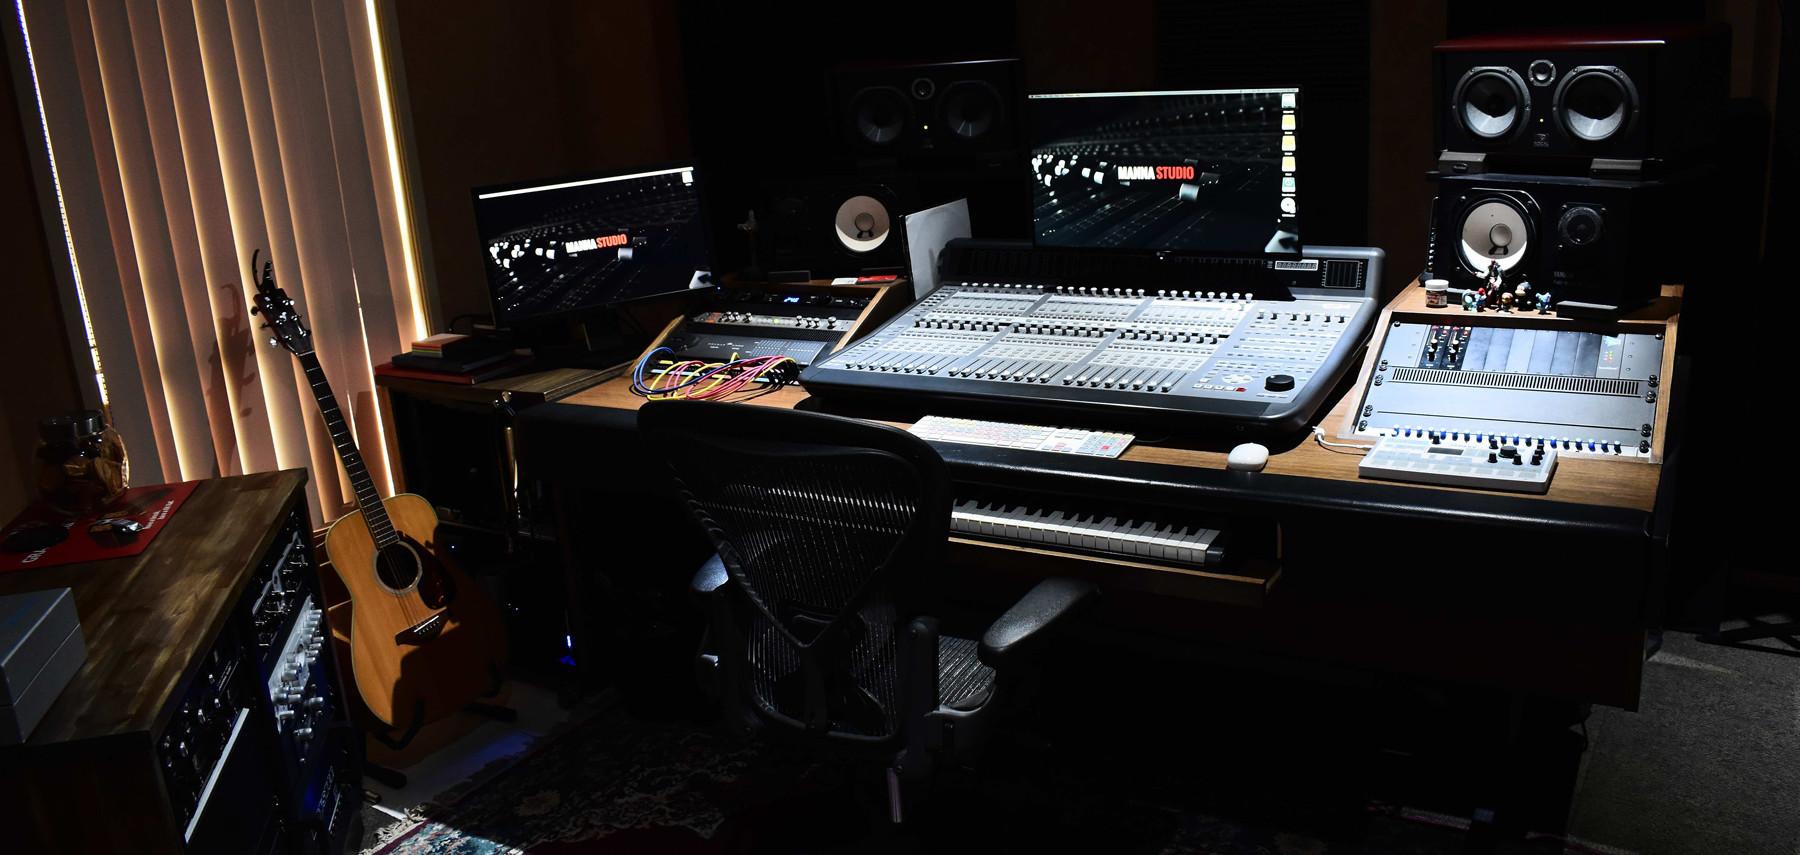 Manna Studio studio